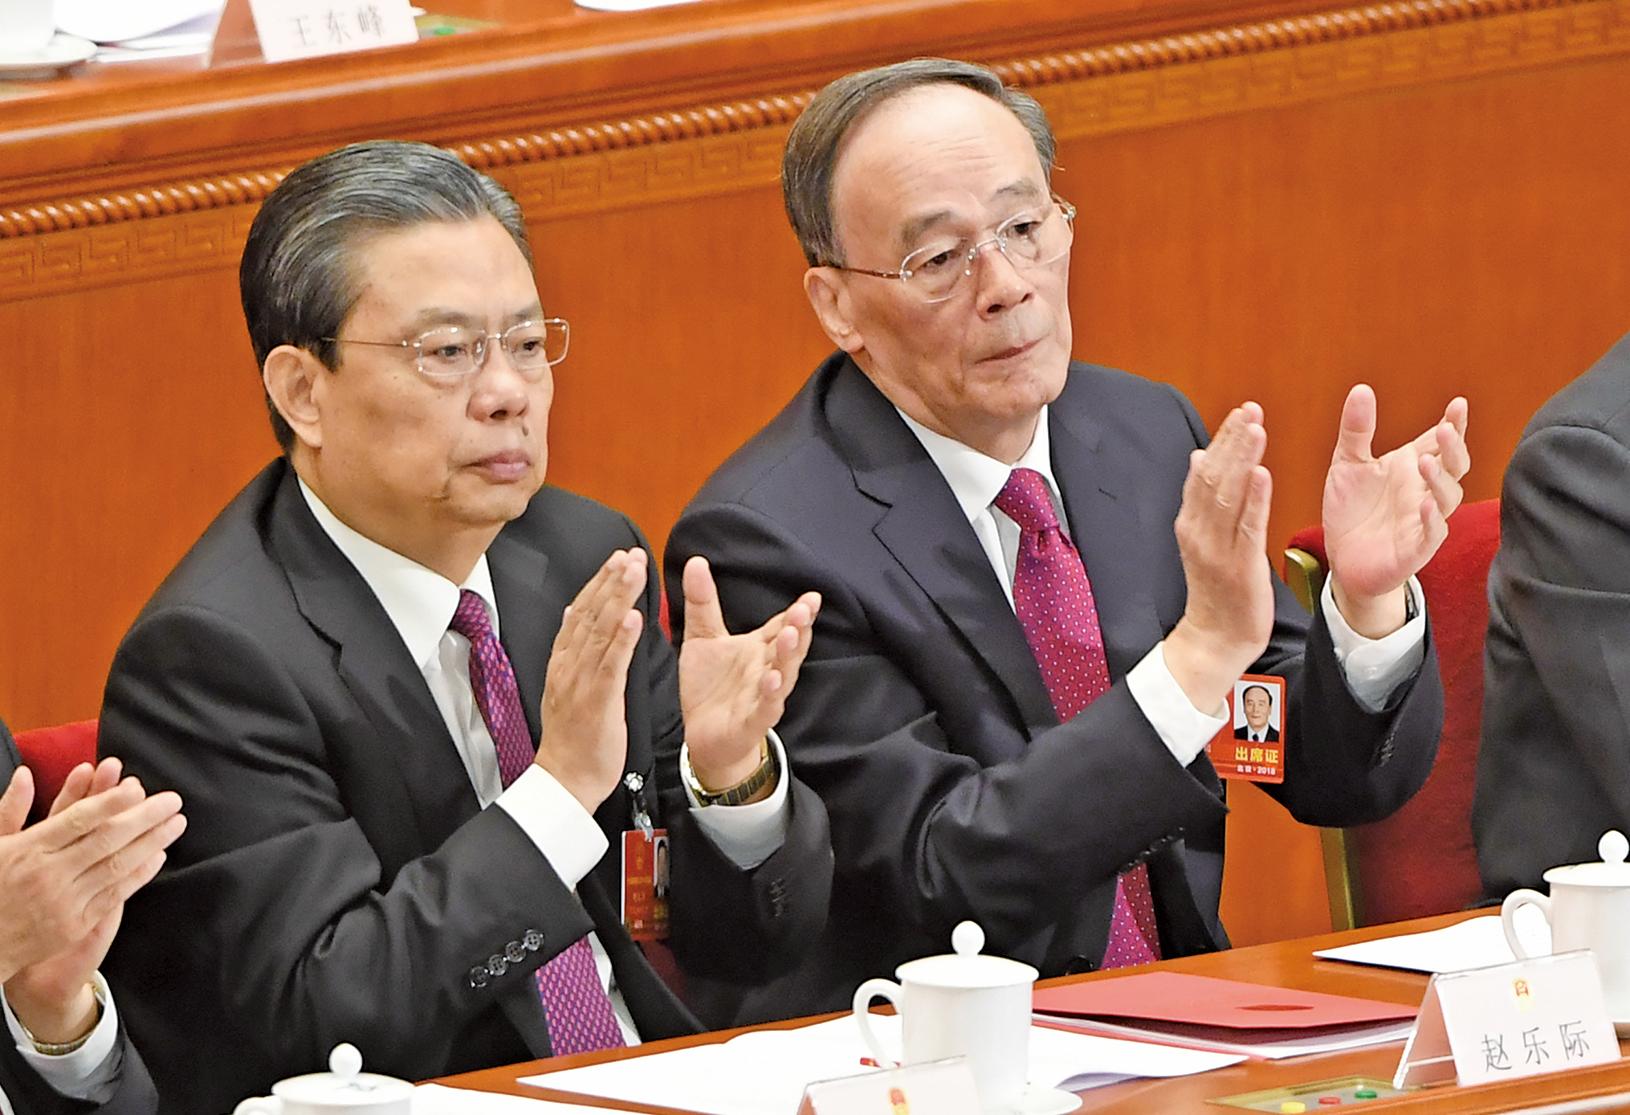 趙樂際(左)打虎力度遠不及王岐山當年。趙外訪期間,習當局打虎卻明顯升級,傳被內部調查。(AFP)